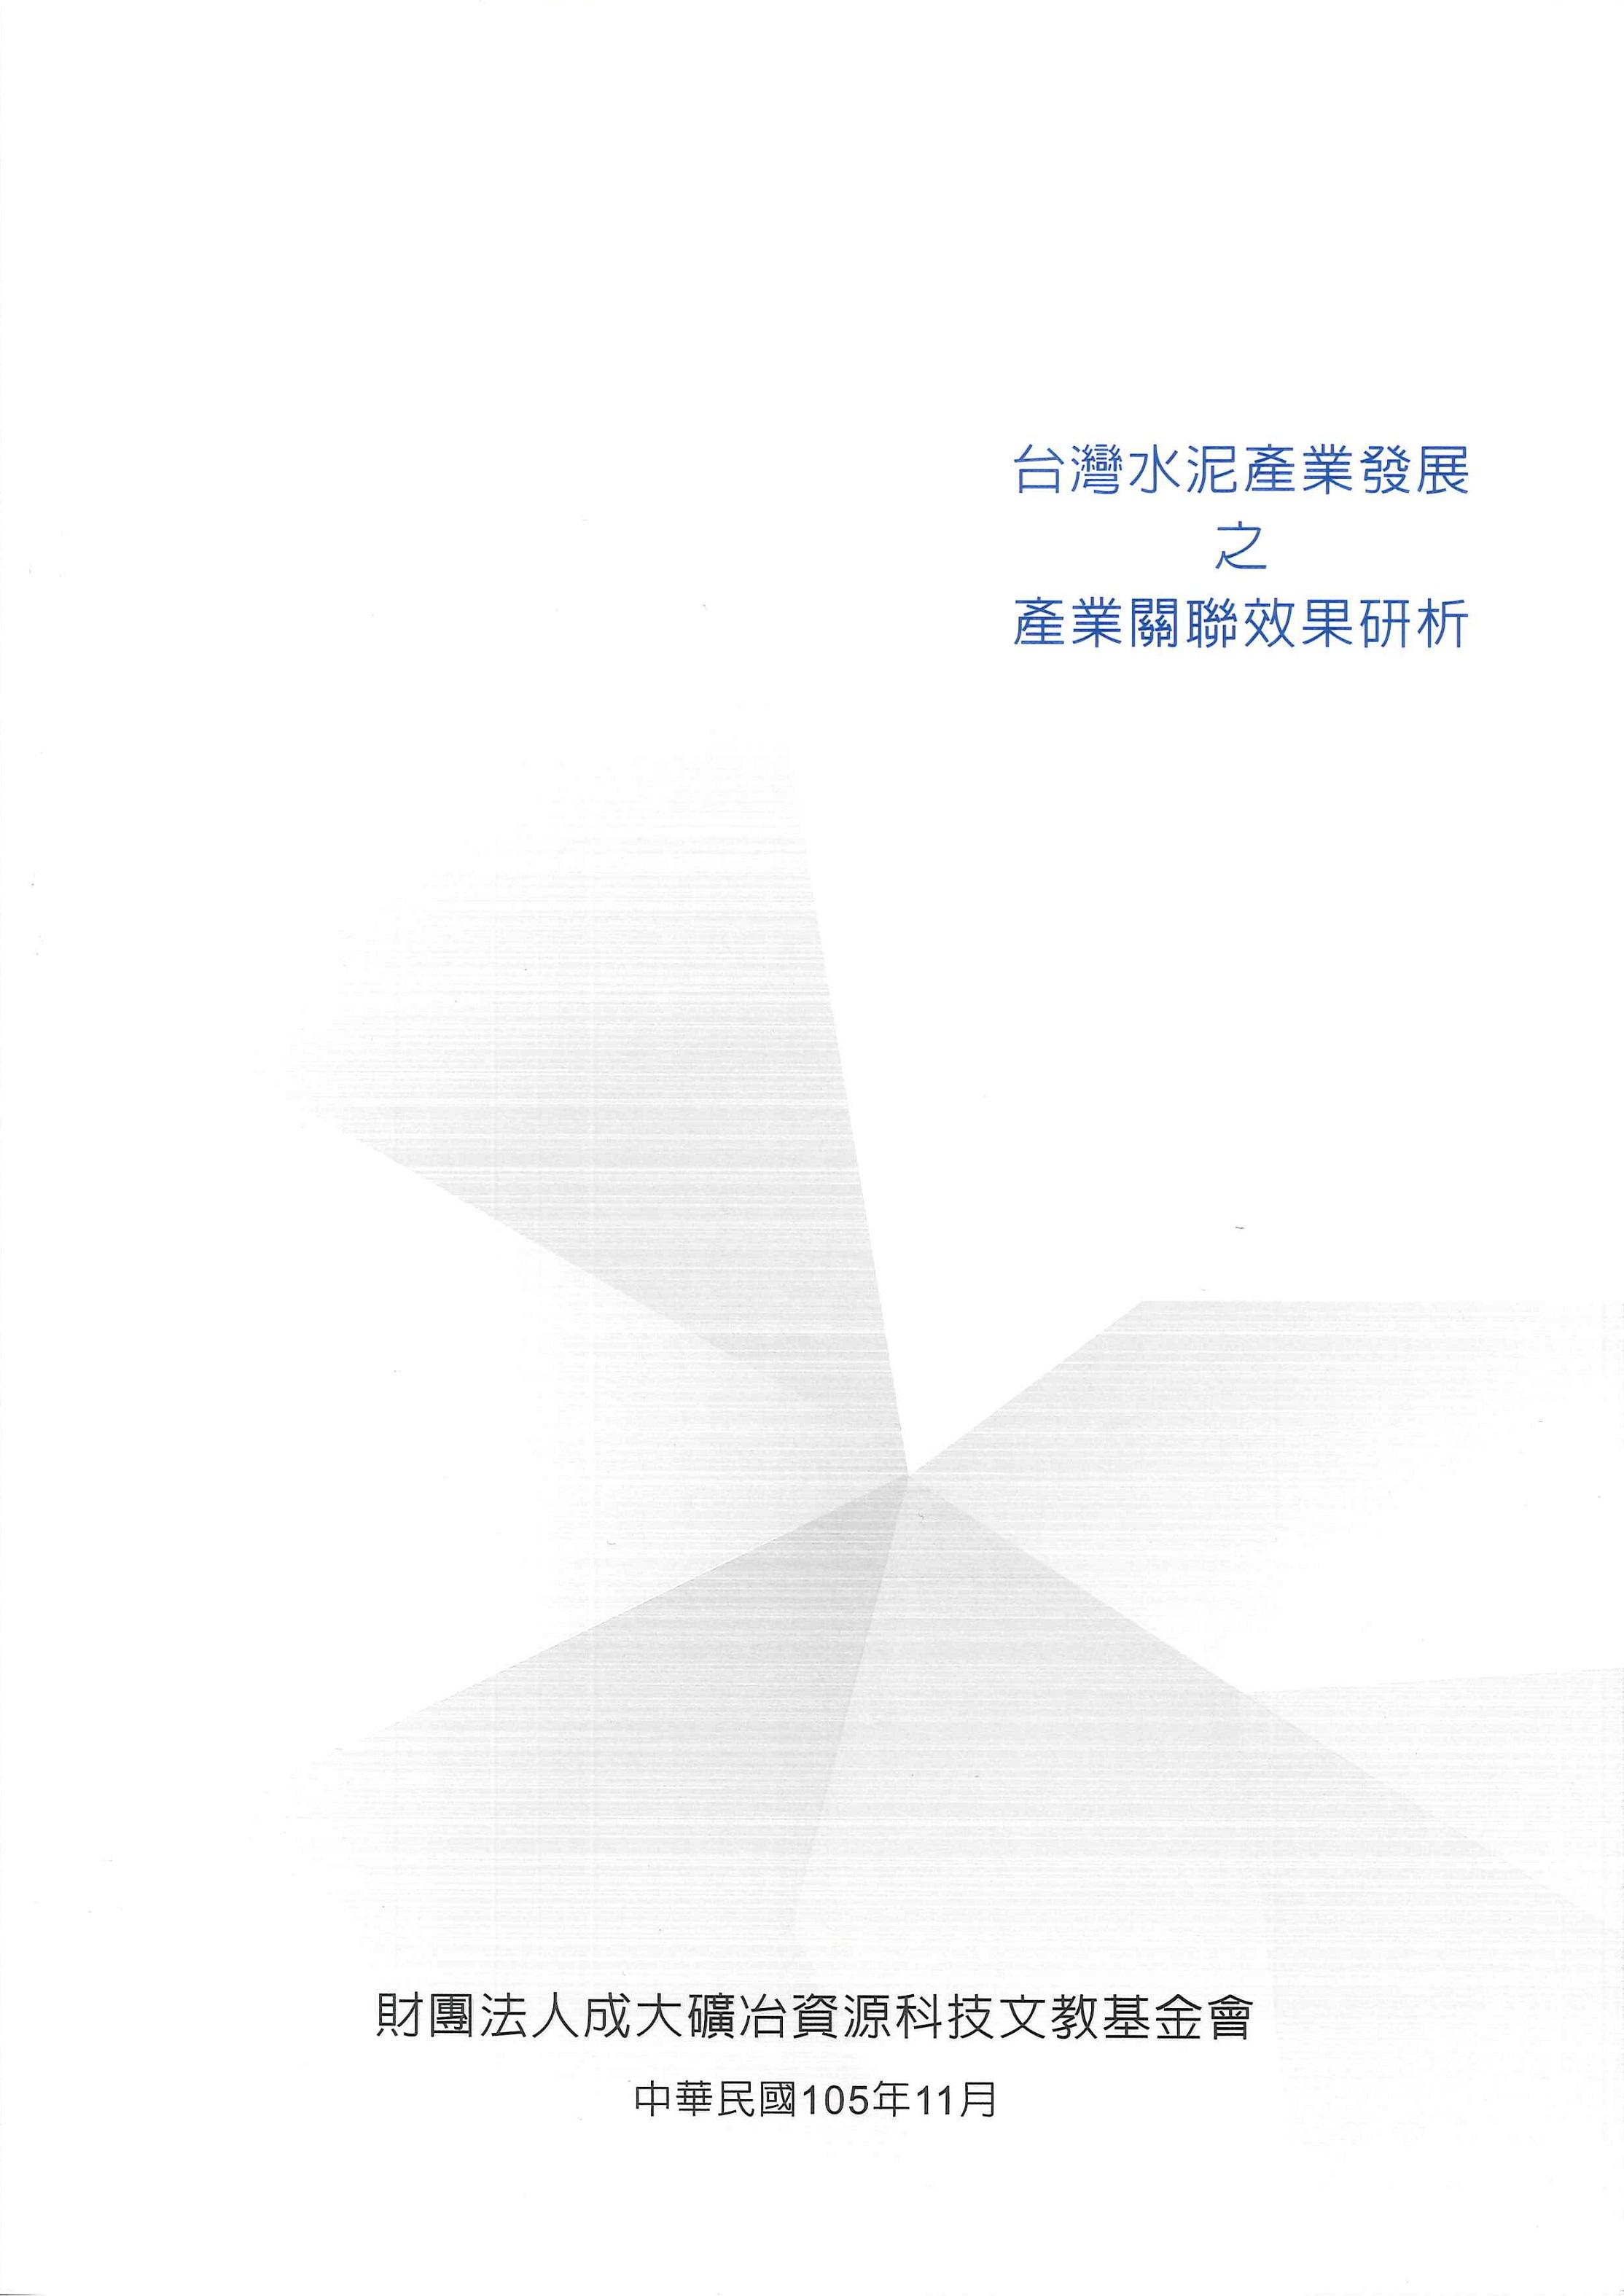 台灣水泥產業發展之產業關聯效果研析